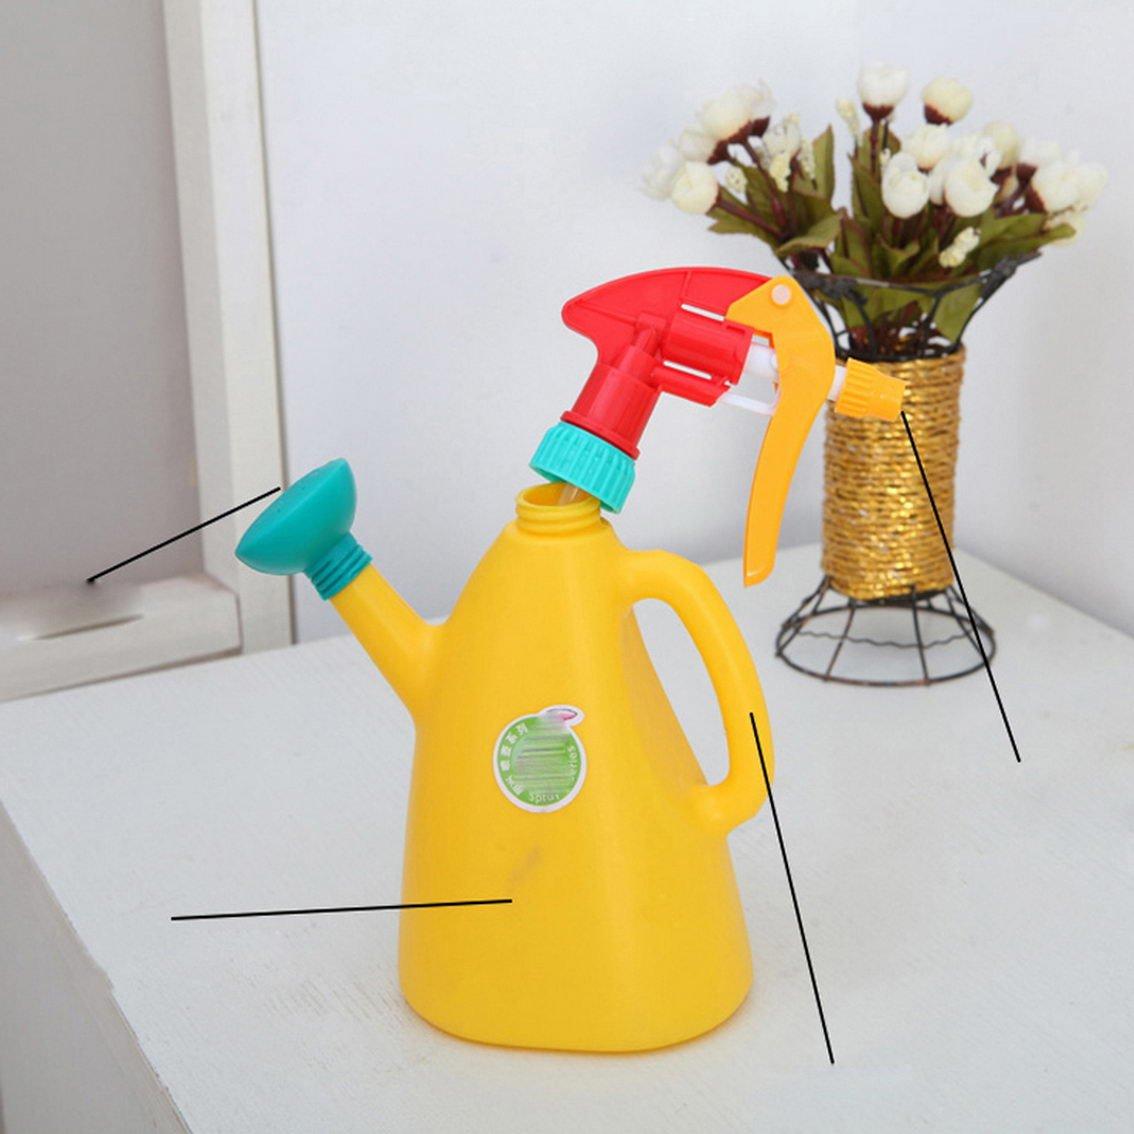 jii2030shann PT007 riego 900 ml con ducha ajustable multi-watering plástico botellas de agua ducha de riego de jardinería de macetas maceta regadera ducha ...